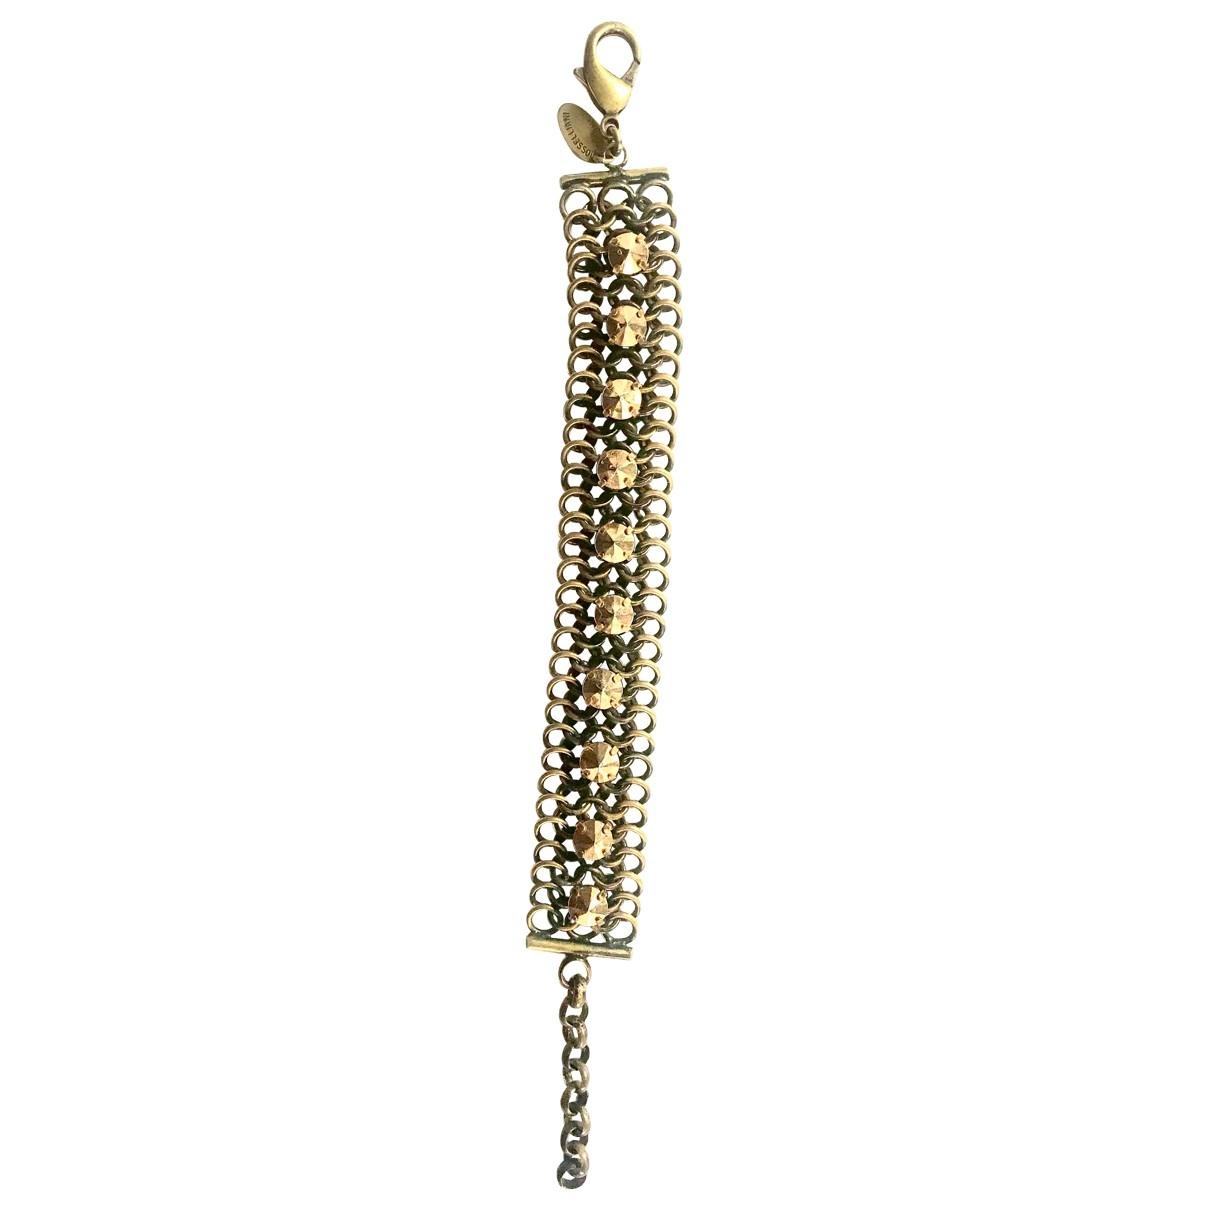 Iosselliani \N Armband in  Gold Metall